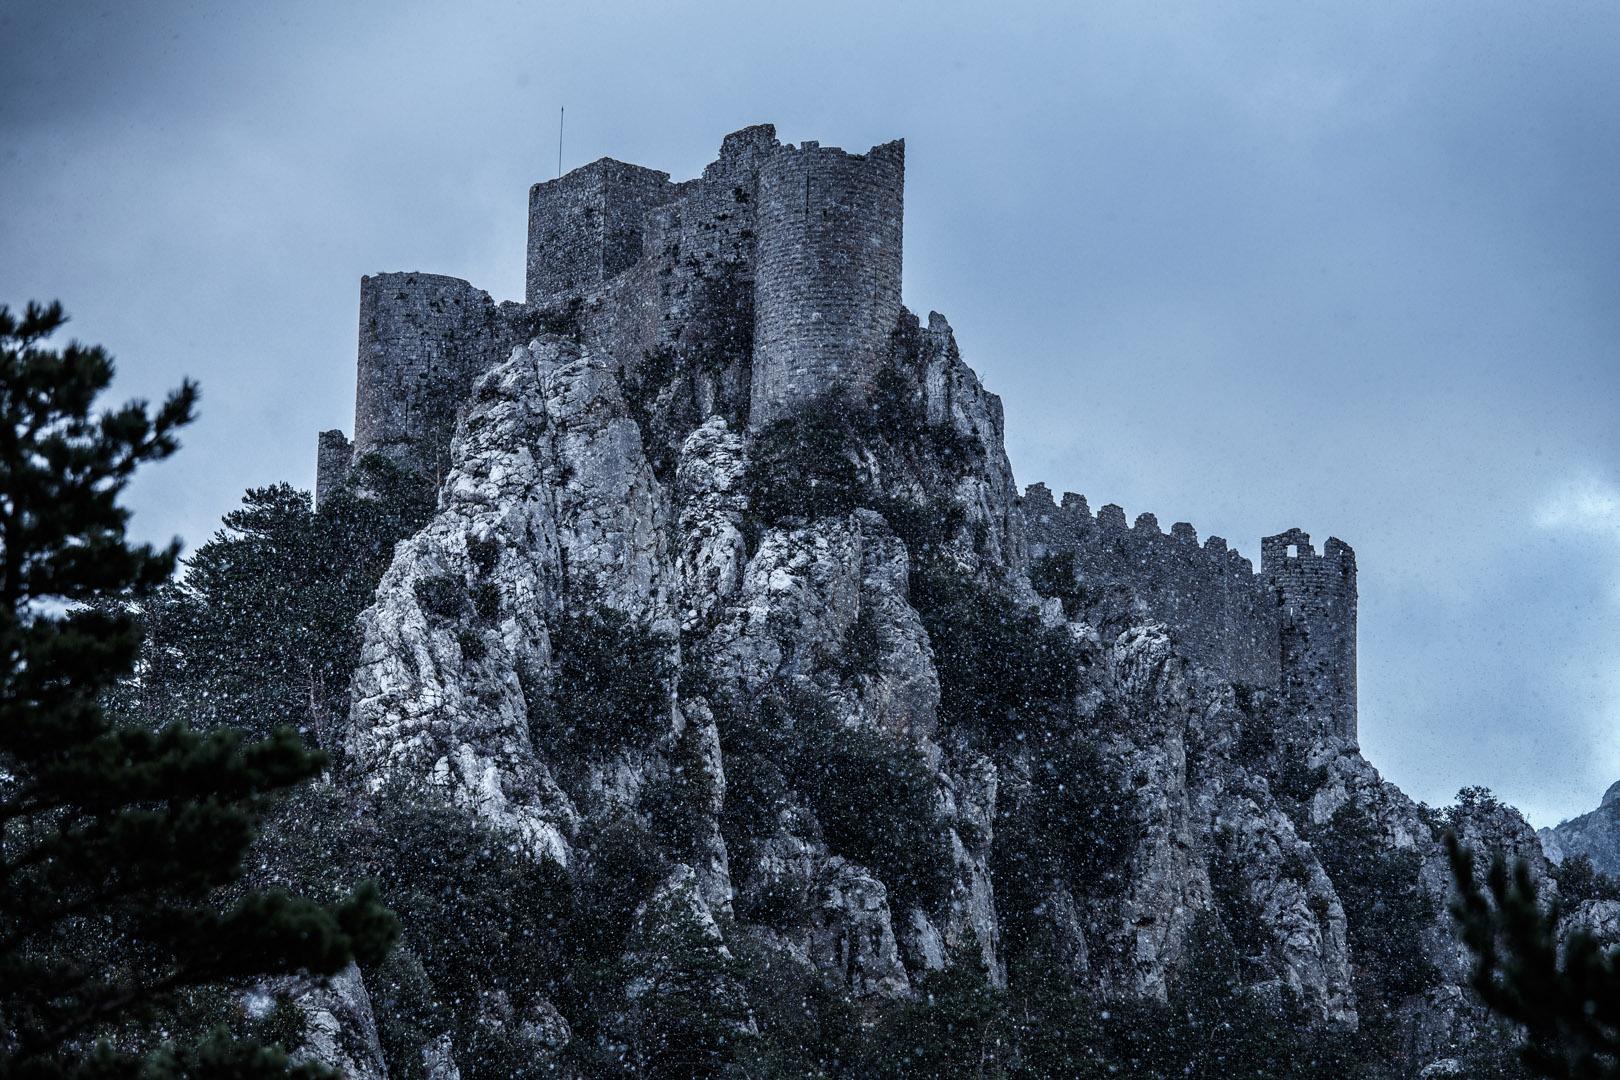 Les murailles du château de Puilaurens ont conservé toute leur hauteur, de 8 à 10 m, et l'essentiel de leur crénelage, sans doute restauré au XVIe ou XVIIe siècle